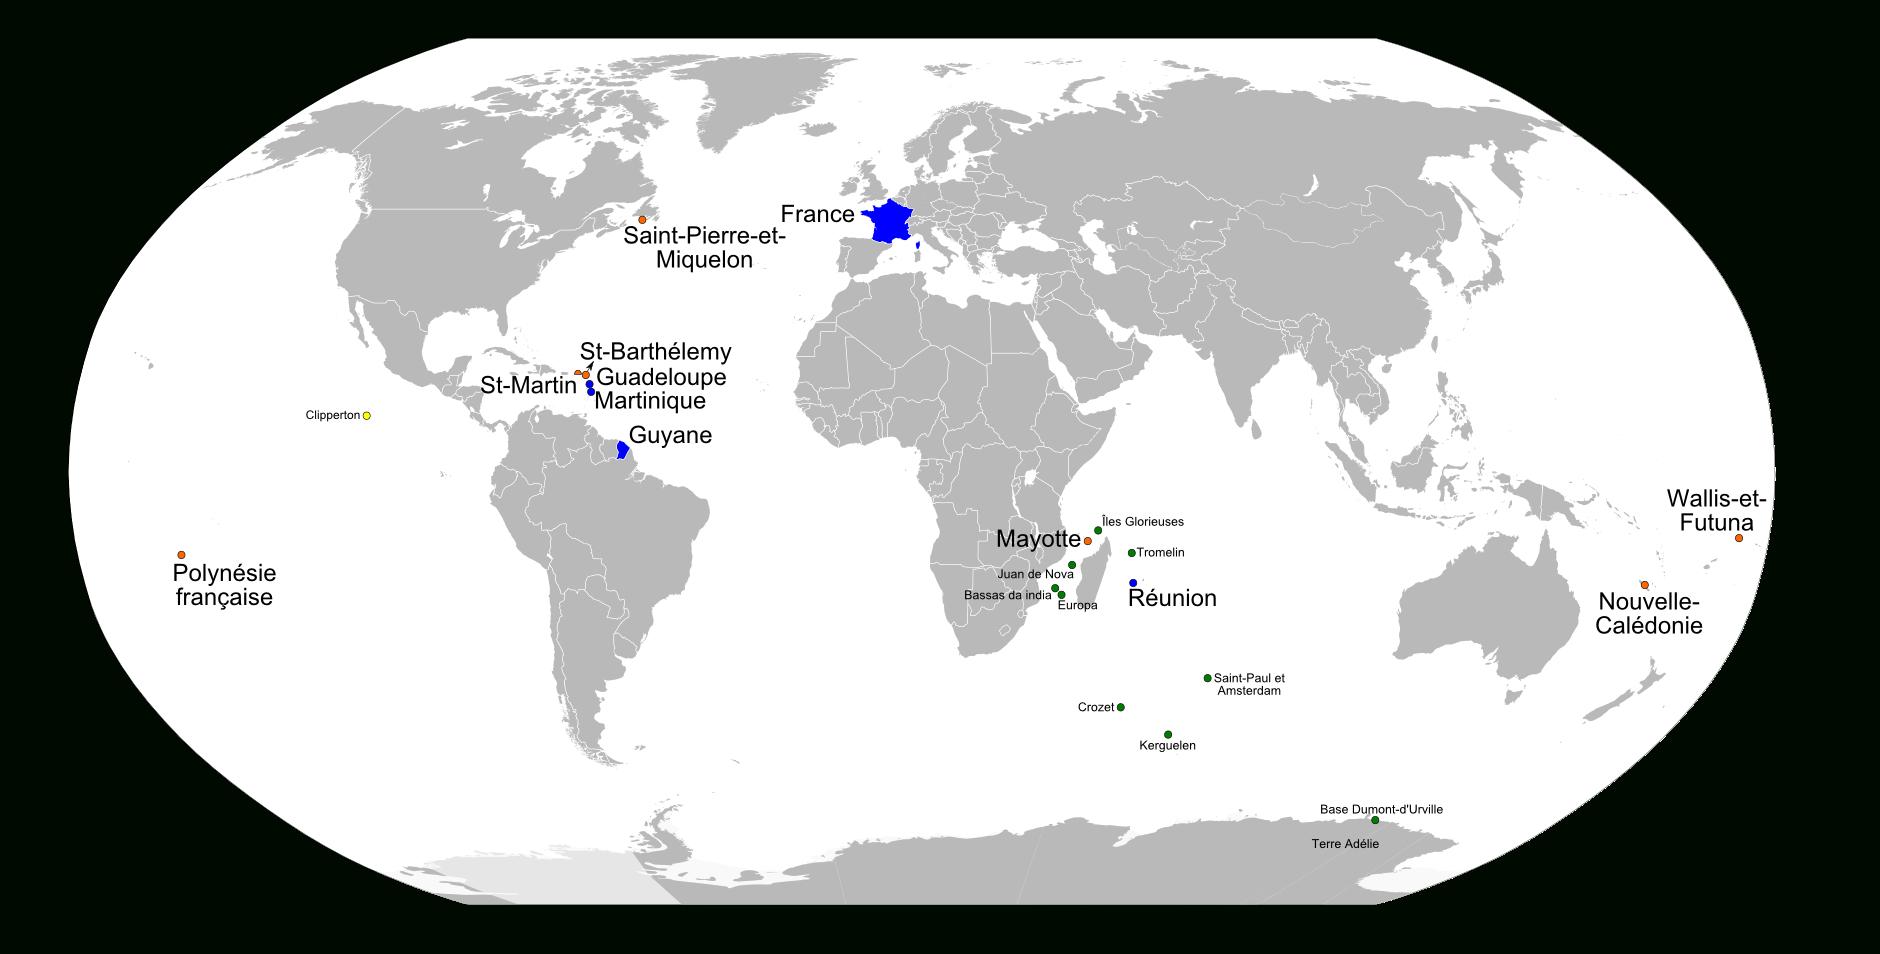 France D'outre-Mer tout Département D Outre Mer Carte